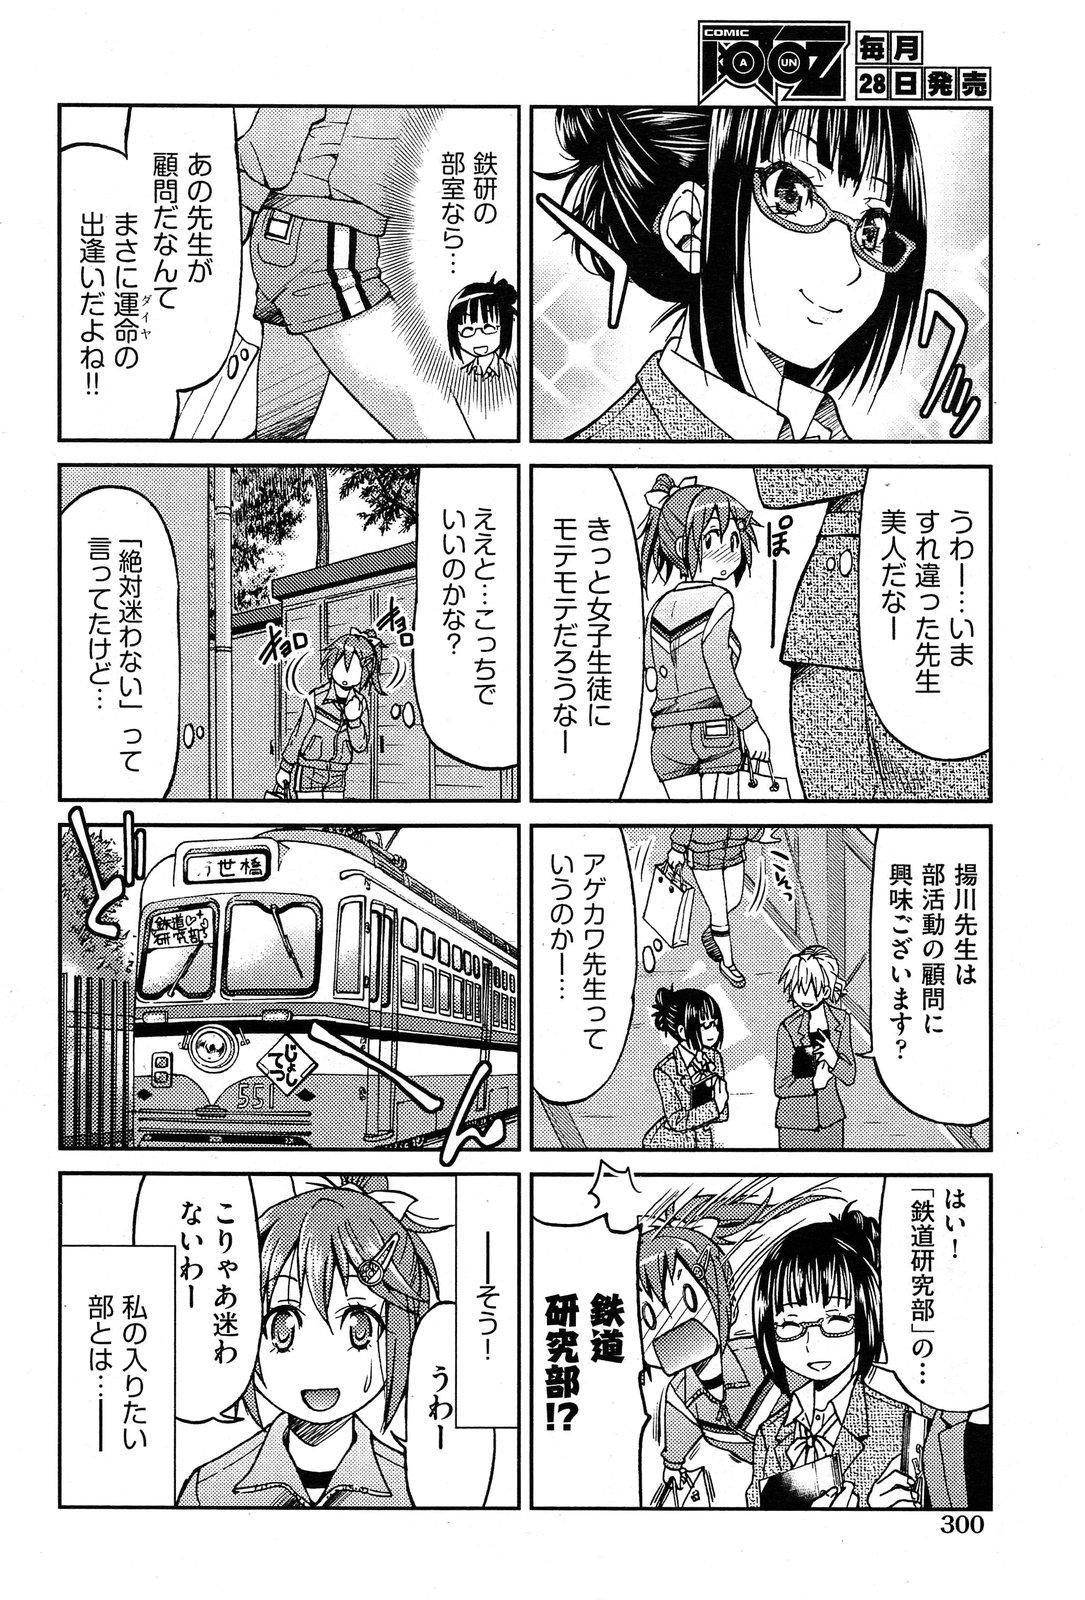 [Inoue Yoshihisa] Joshitetsu -Girls railway Geek- Ch.1-7 124